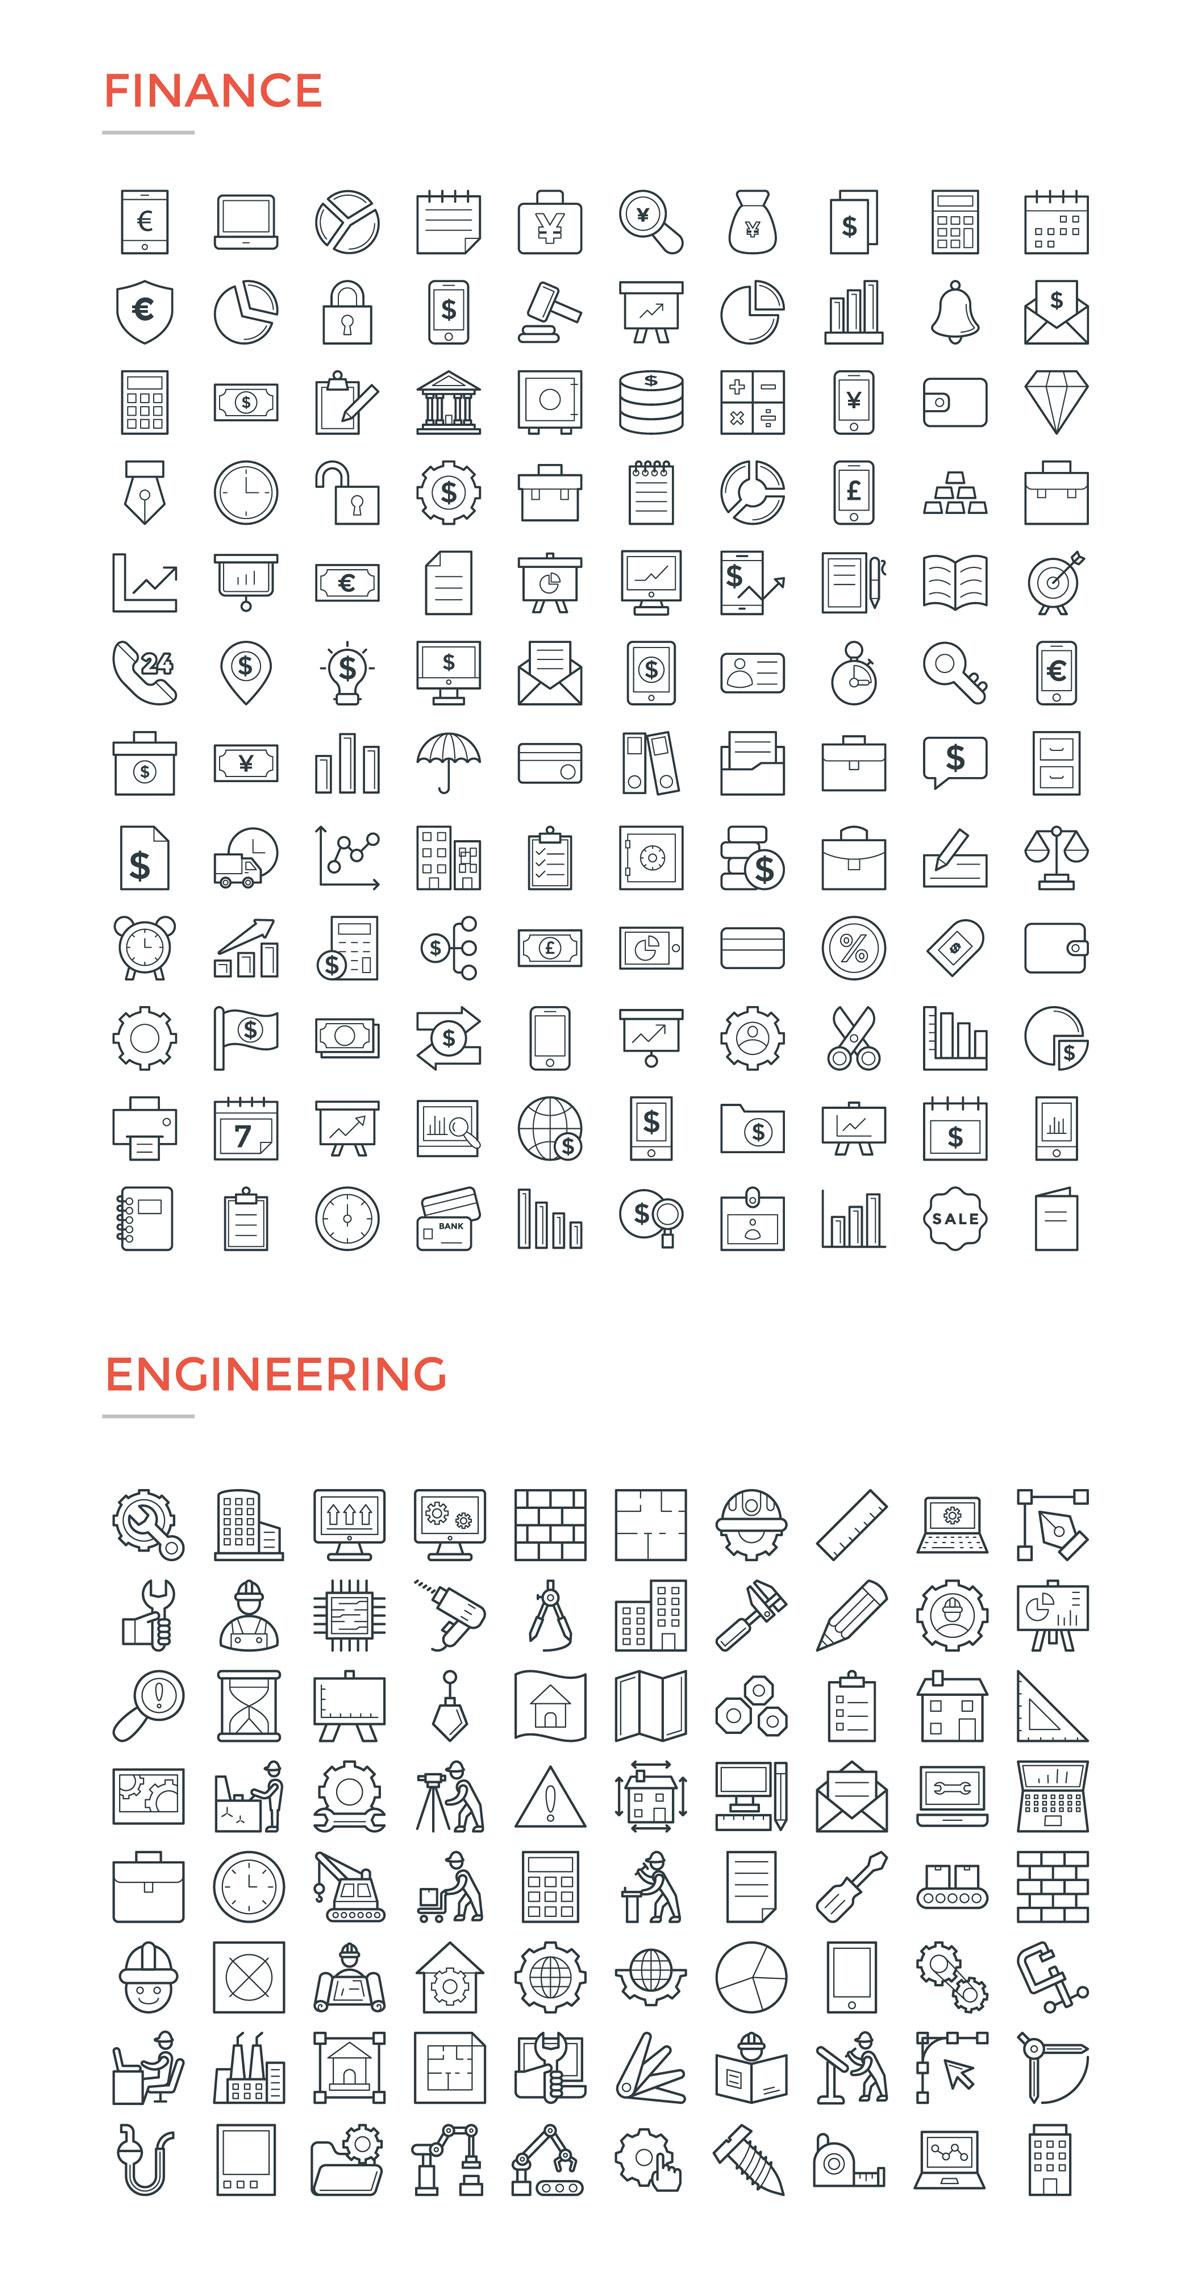 4800款独特的矢量图标合集 4800 Line Icons插图6